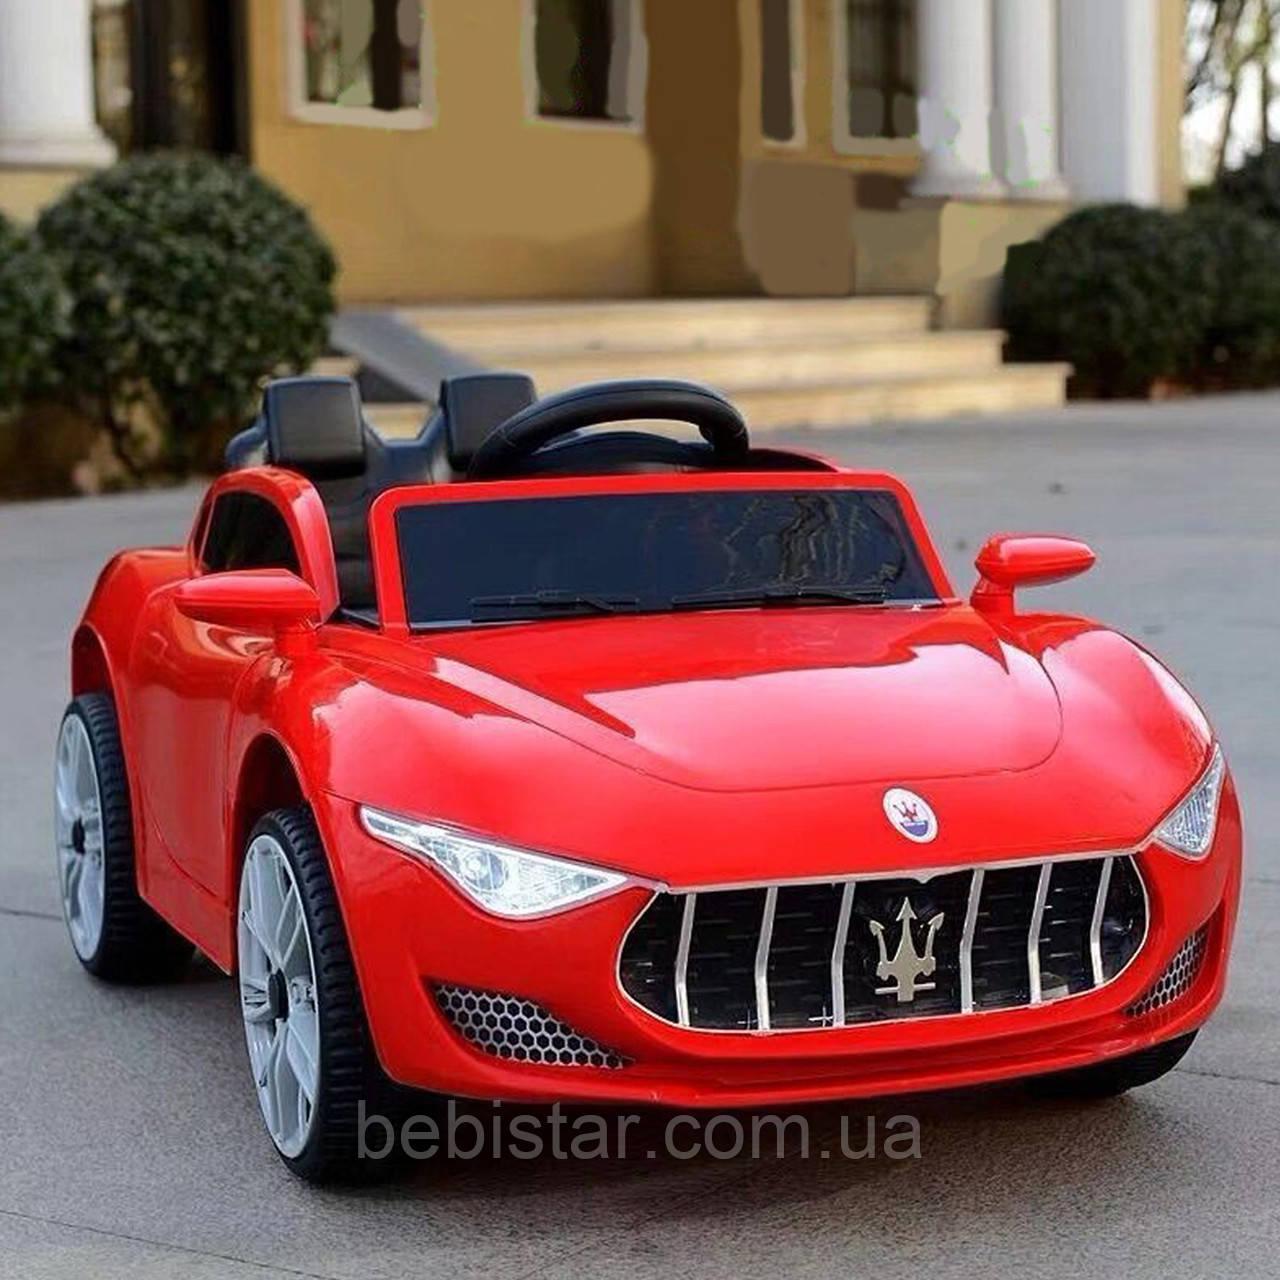 Електромобіль спорткар червоний T-7637 RED для дітей 3-8 років з пультом мотор 2*25W з МР3